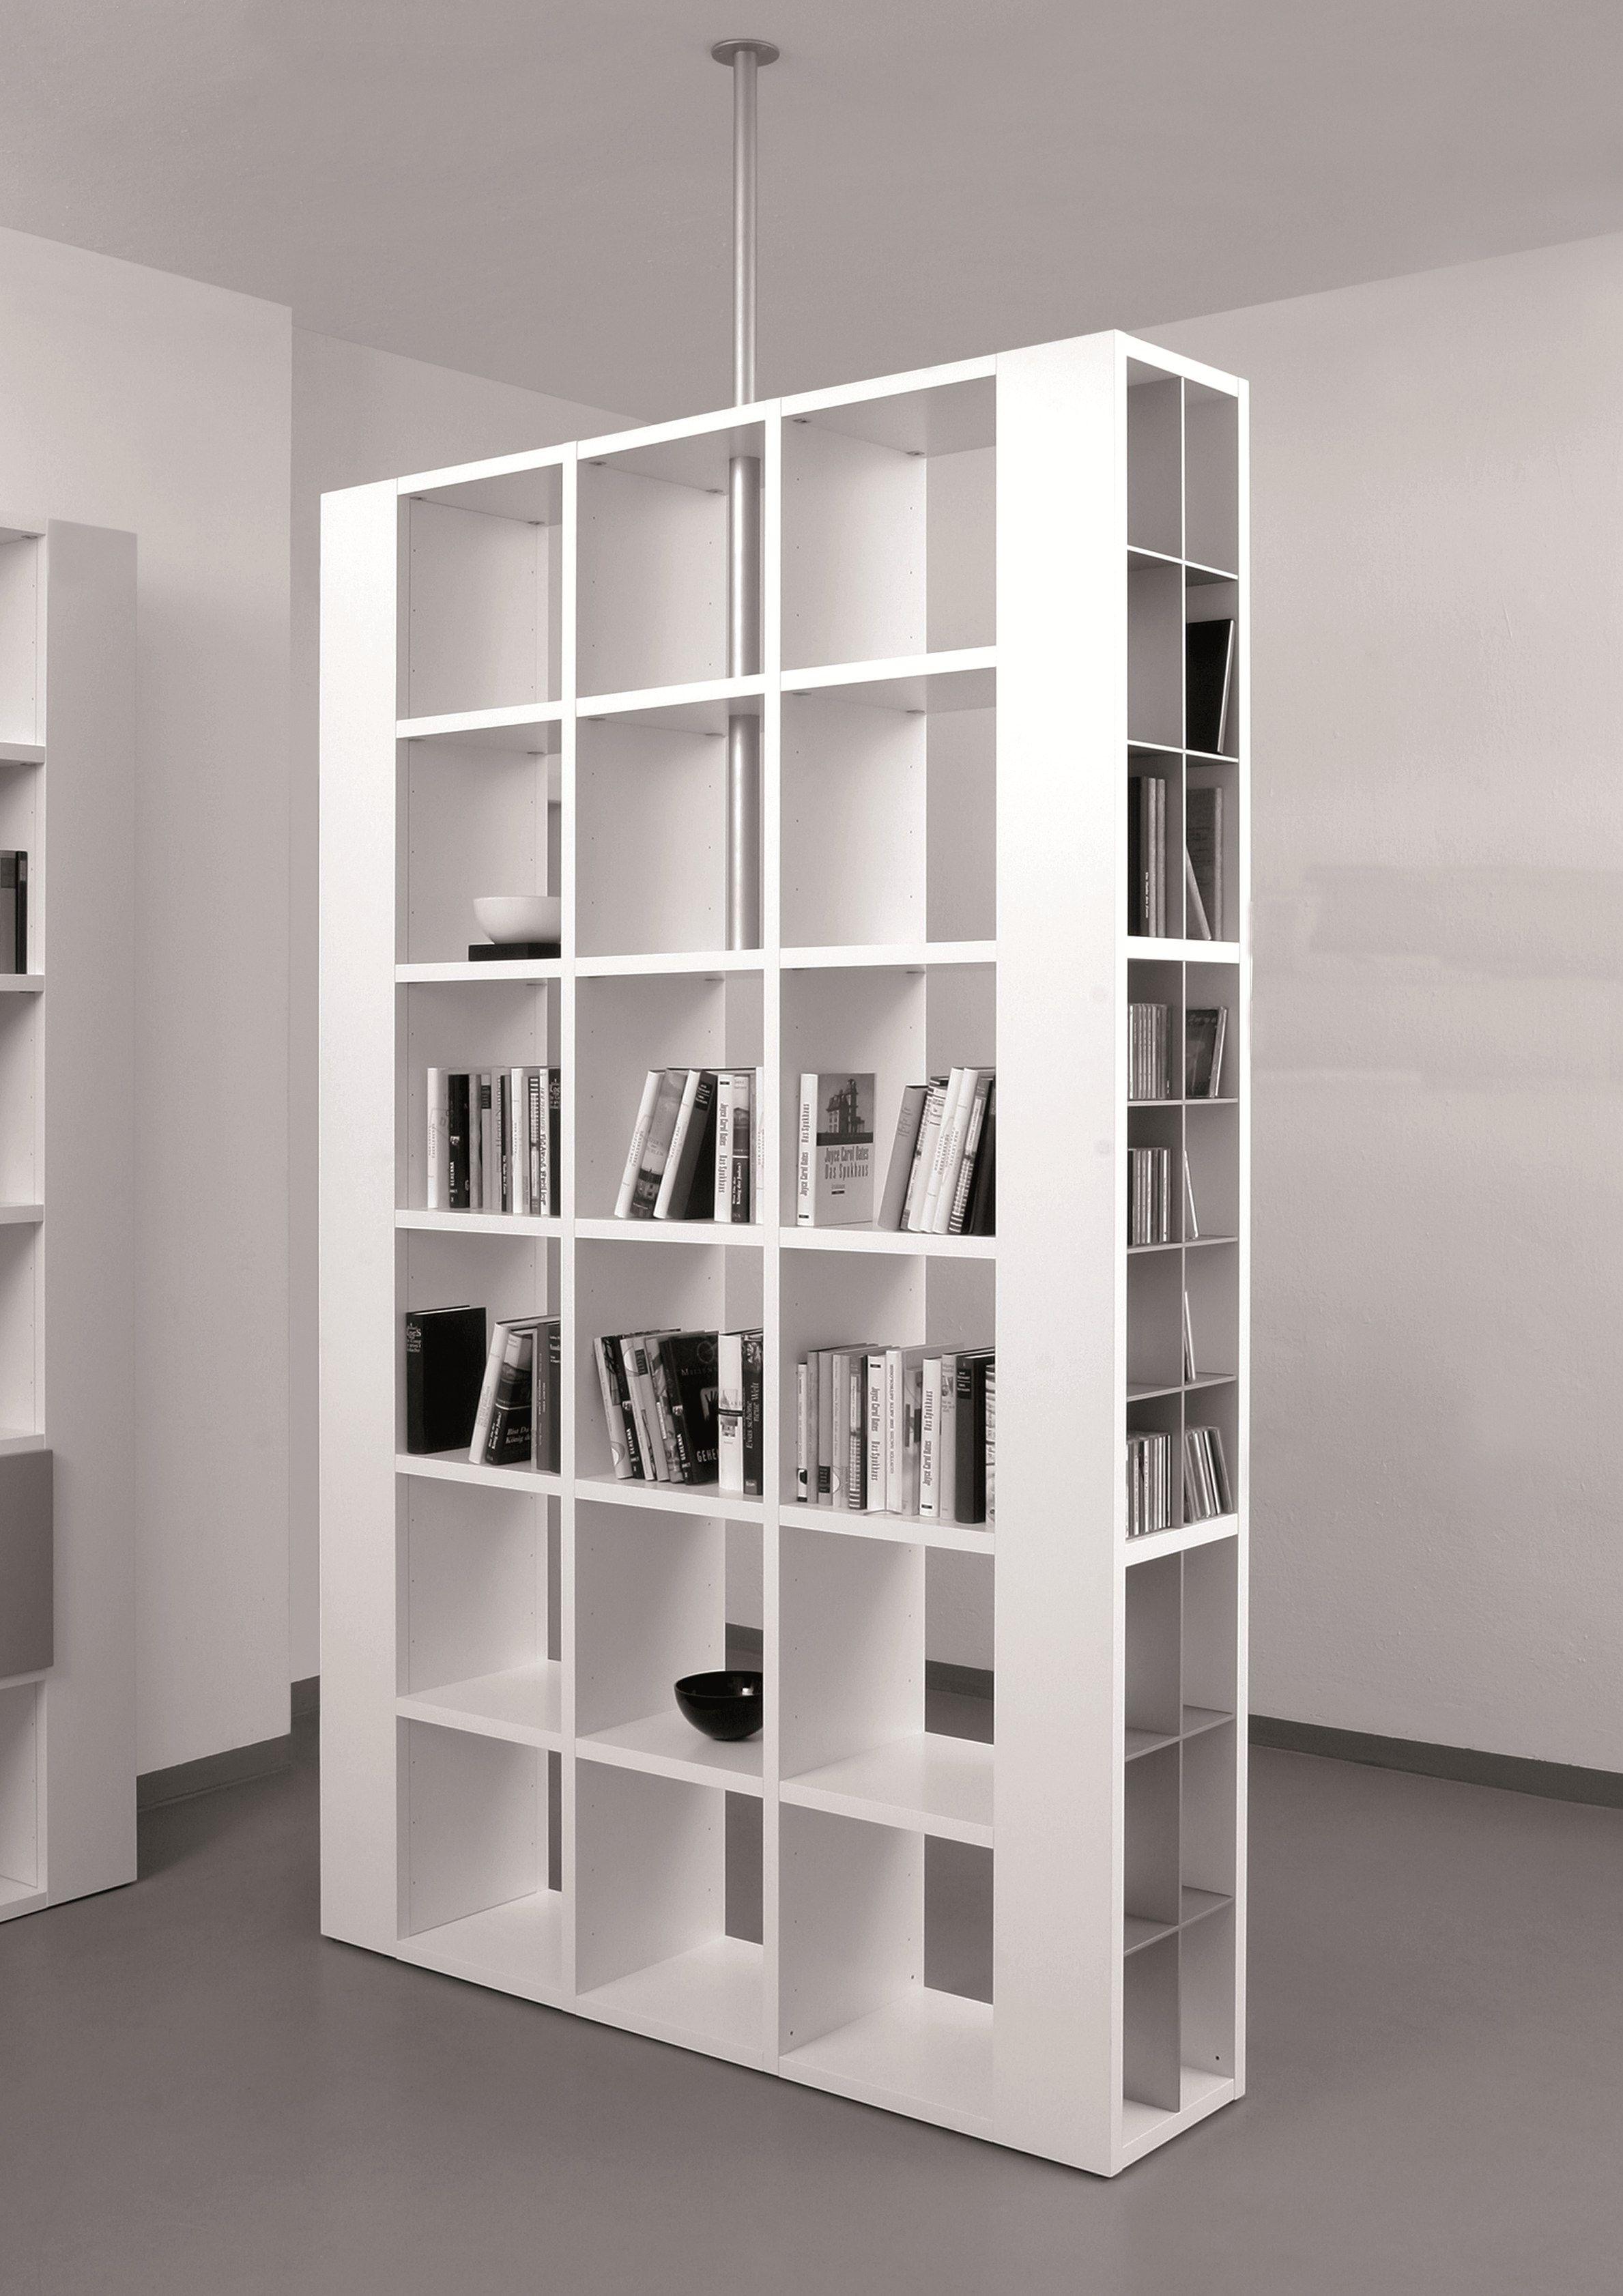 Libreria Bifacciale A Soffitto libreria bifacciale divisoria - cerca con google